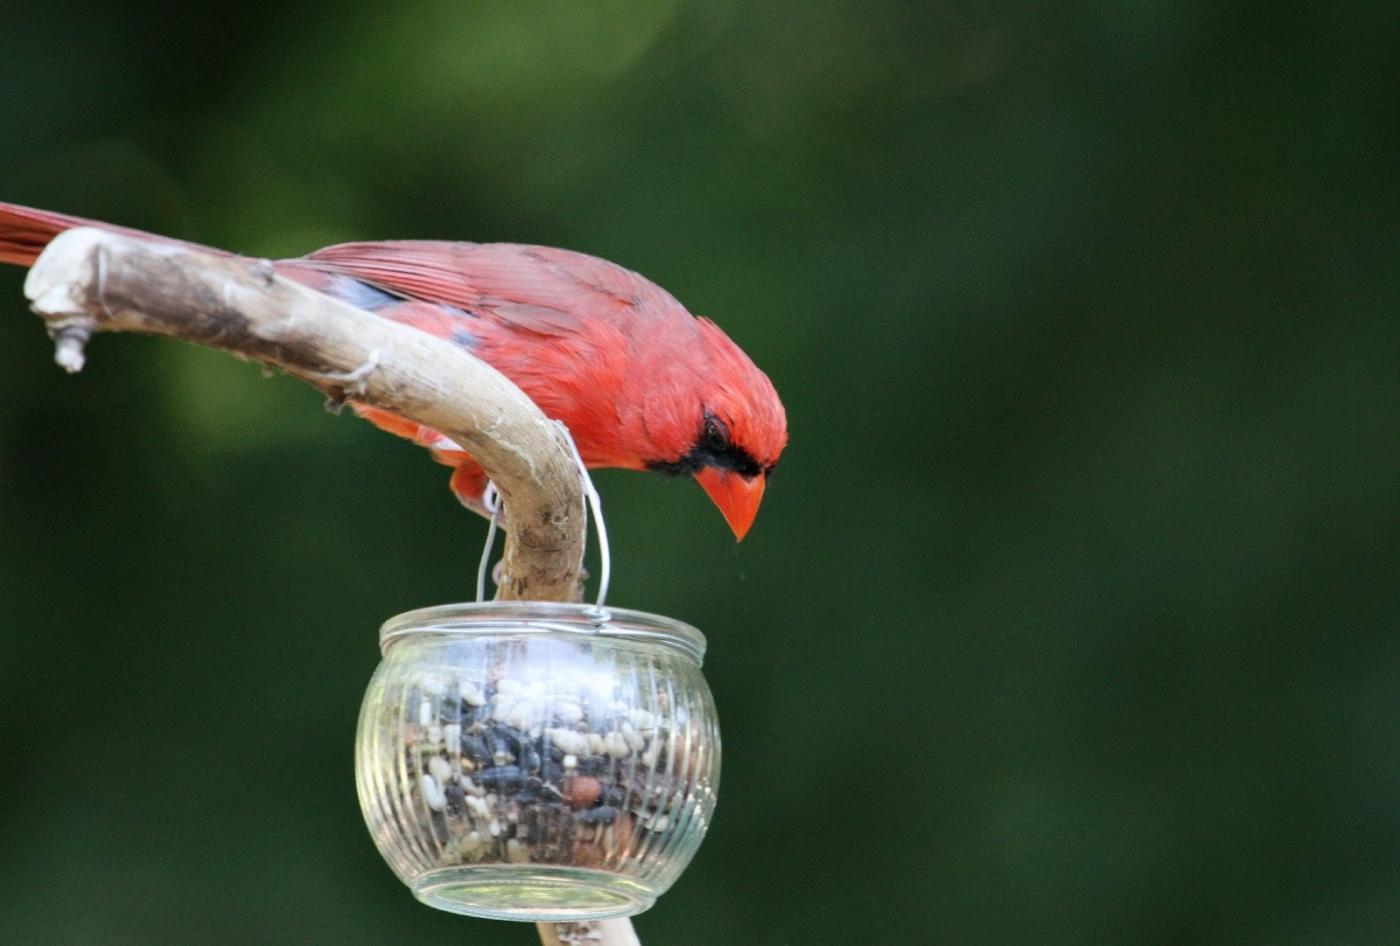 【田螺摄影】做个漂亮的喂鸟器更吸引红衣主教_图1-12